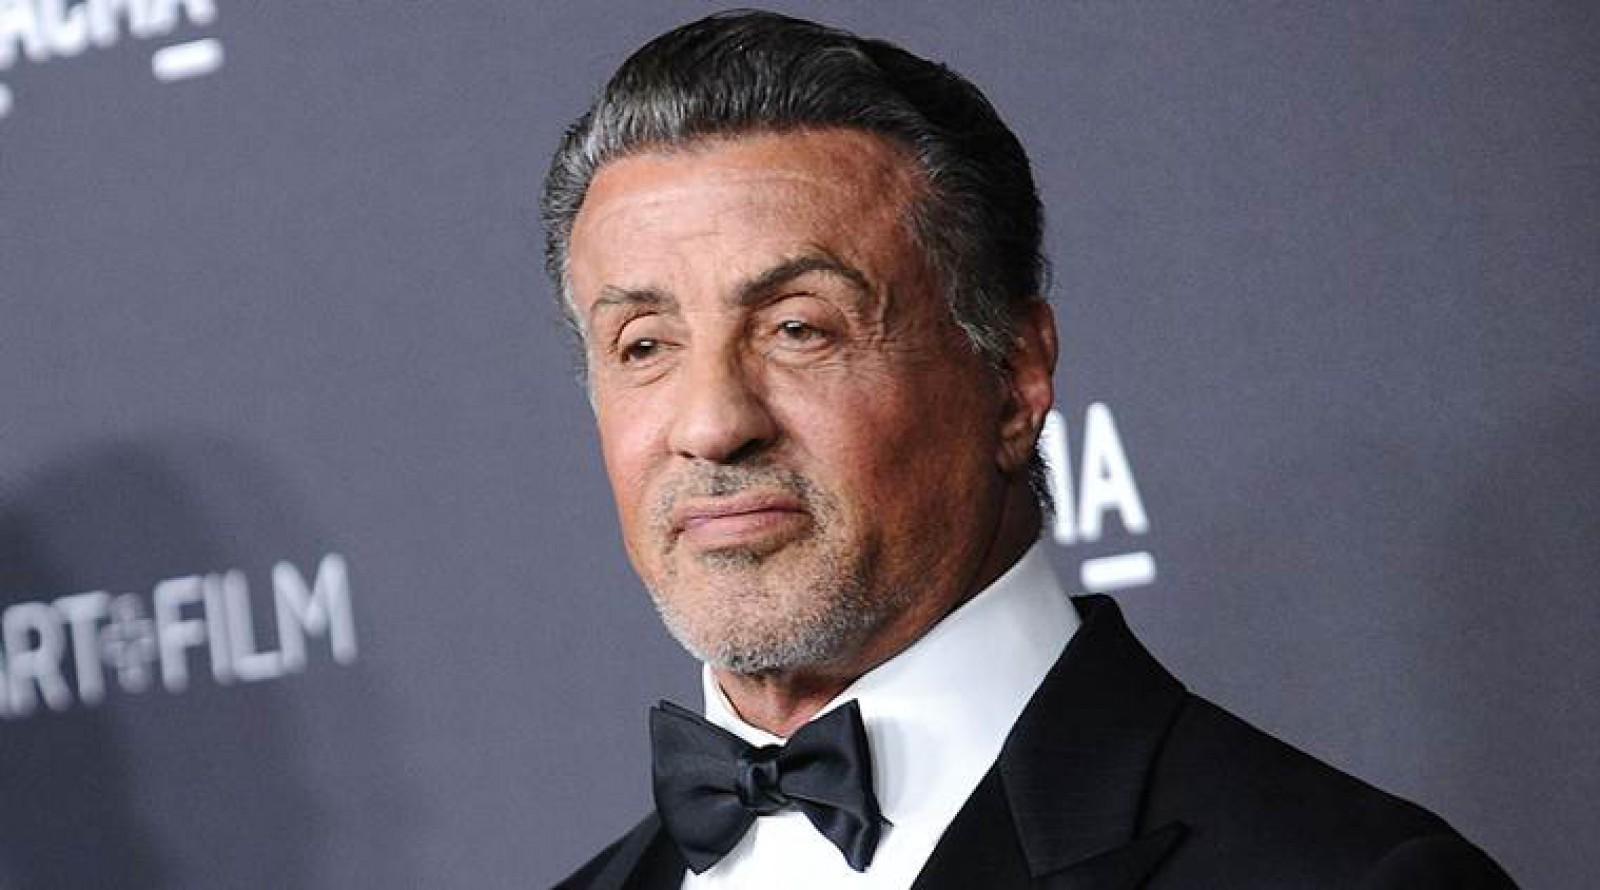 Sylvester Stallone, anchetat pentru agresiune sexuală, care s-ar fi produs în anii 1990